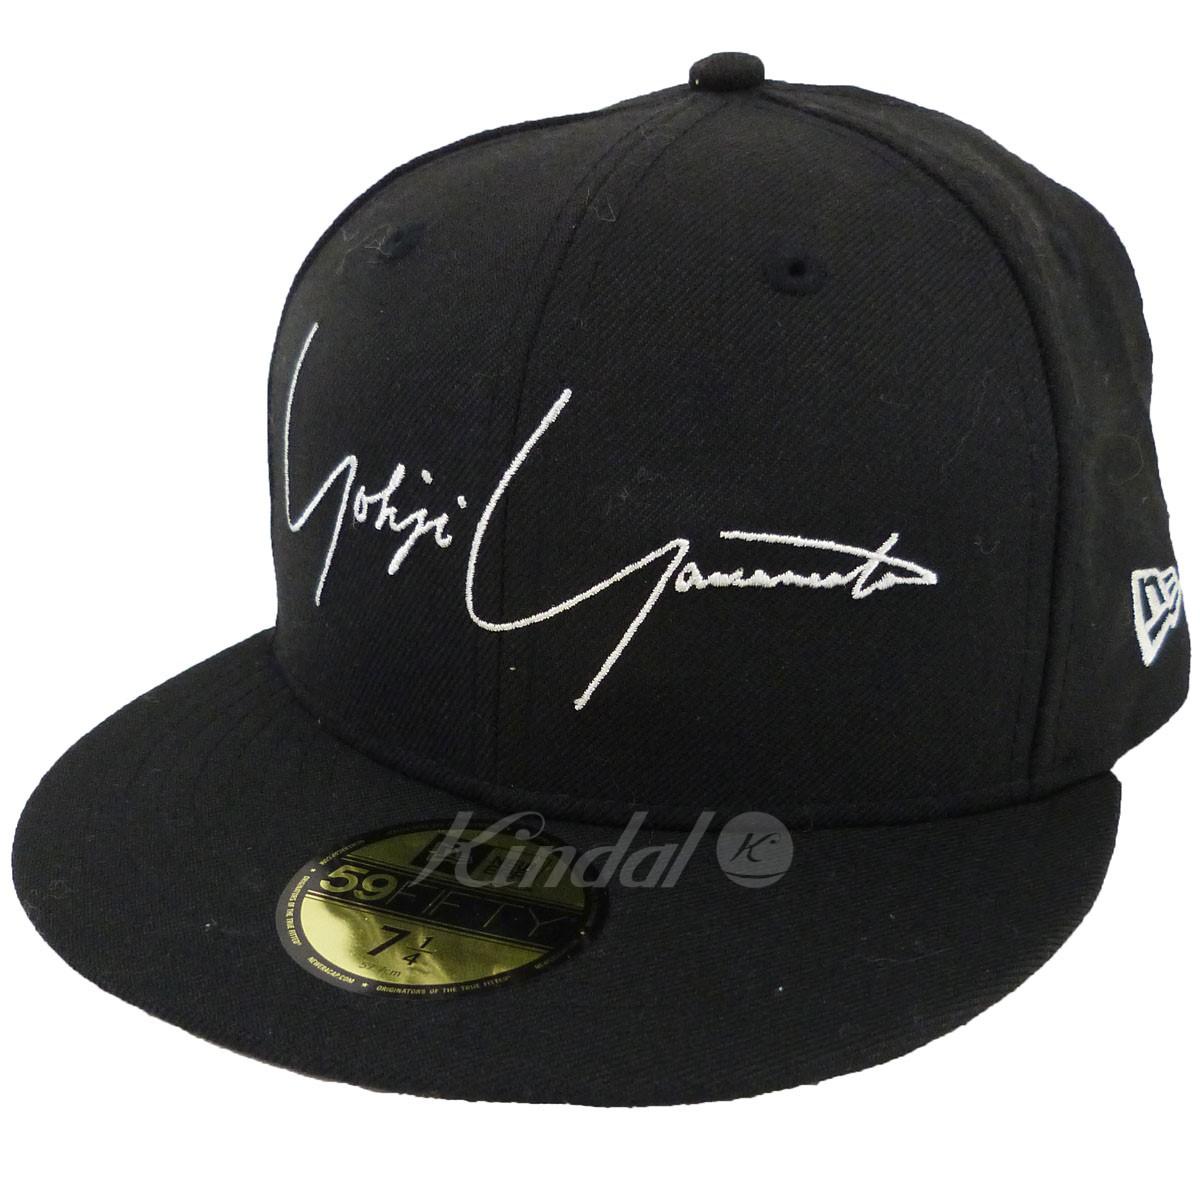 【中古】YOHJI YAMAMOTO pour homme×NEW ERA ロゴ刺繍ベースボールキャップ ブラック サイズ:7 1/4 【送料無料】 【170219】(ヨウジヤマモトプールオム ニューエラ)